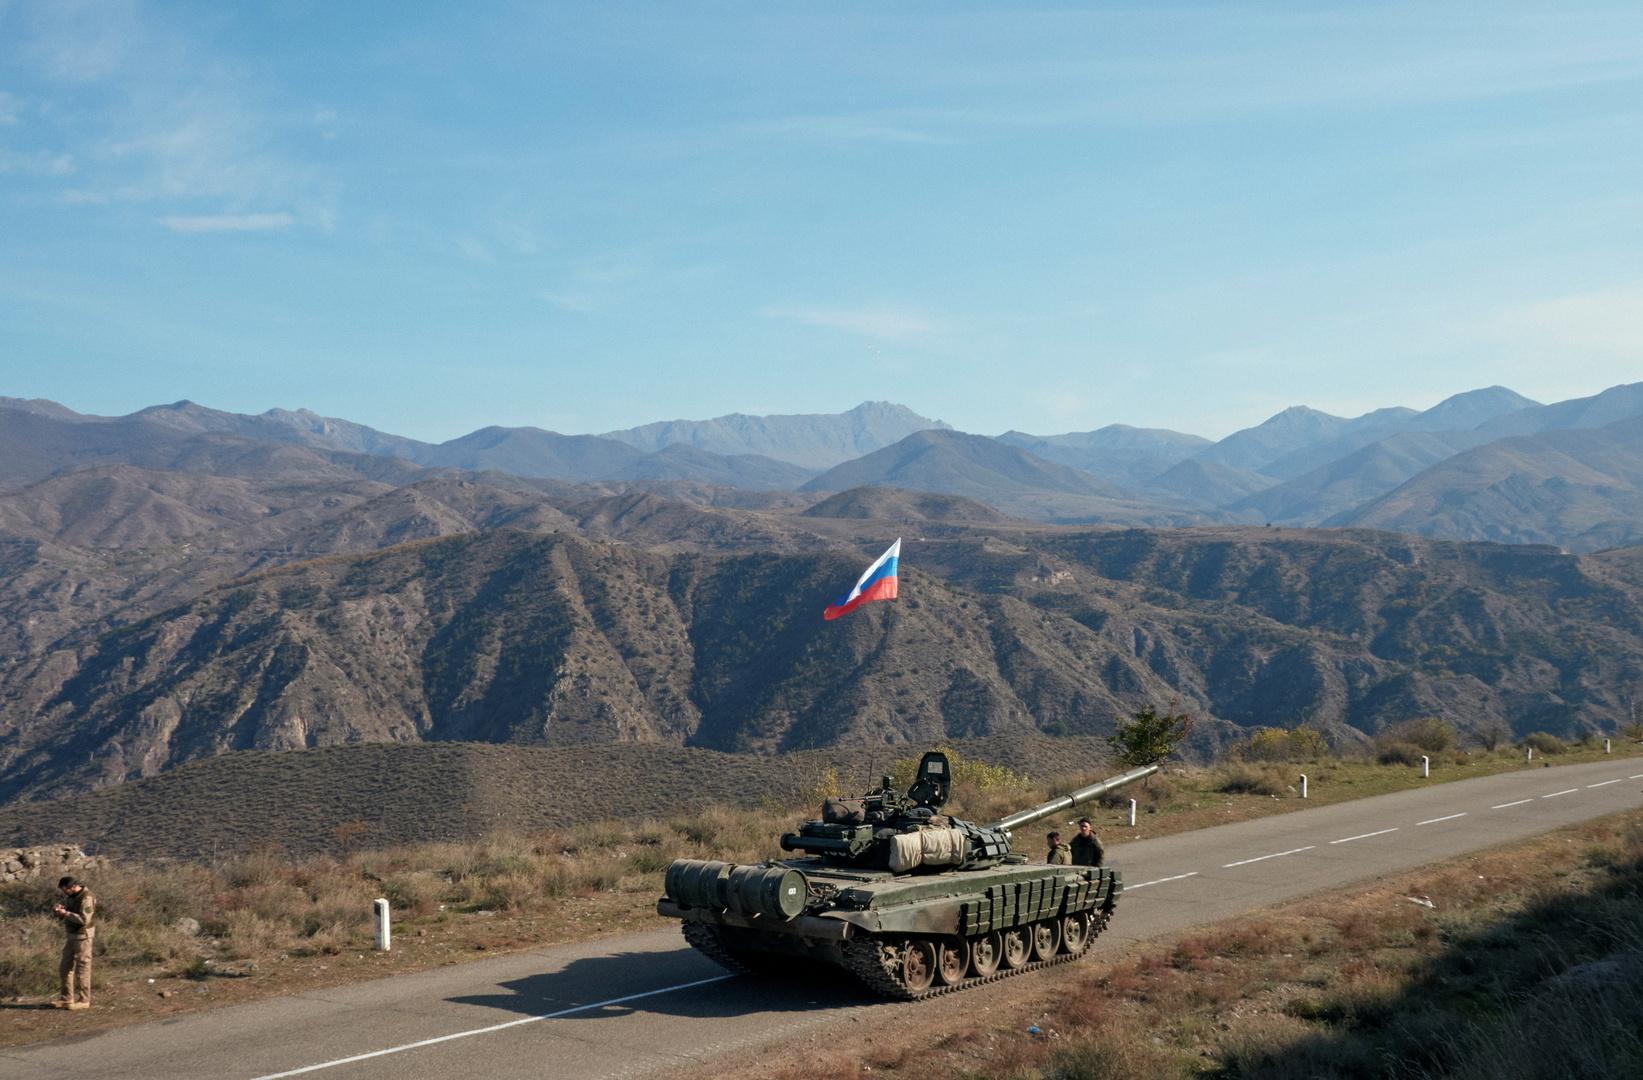 دبابة تابعة لقوات حفظ السلام الروسية في قره باغ